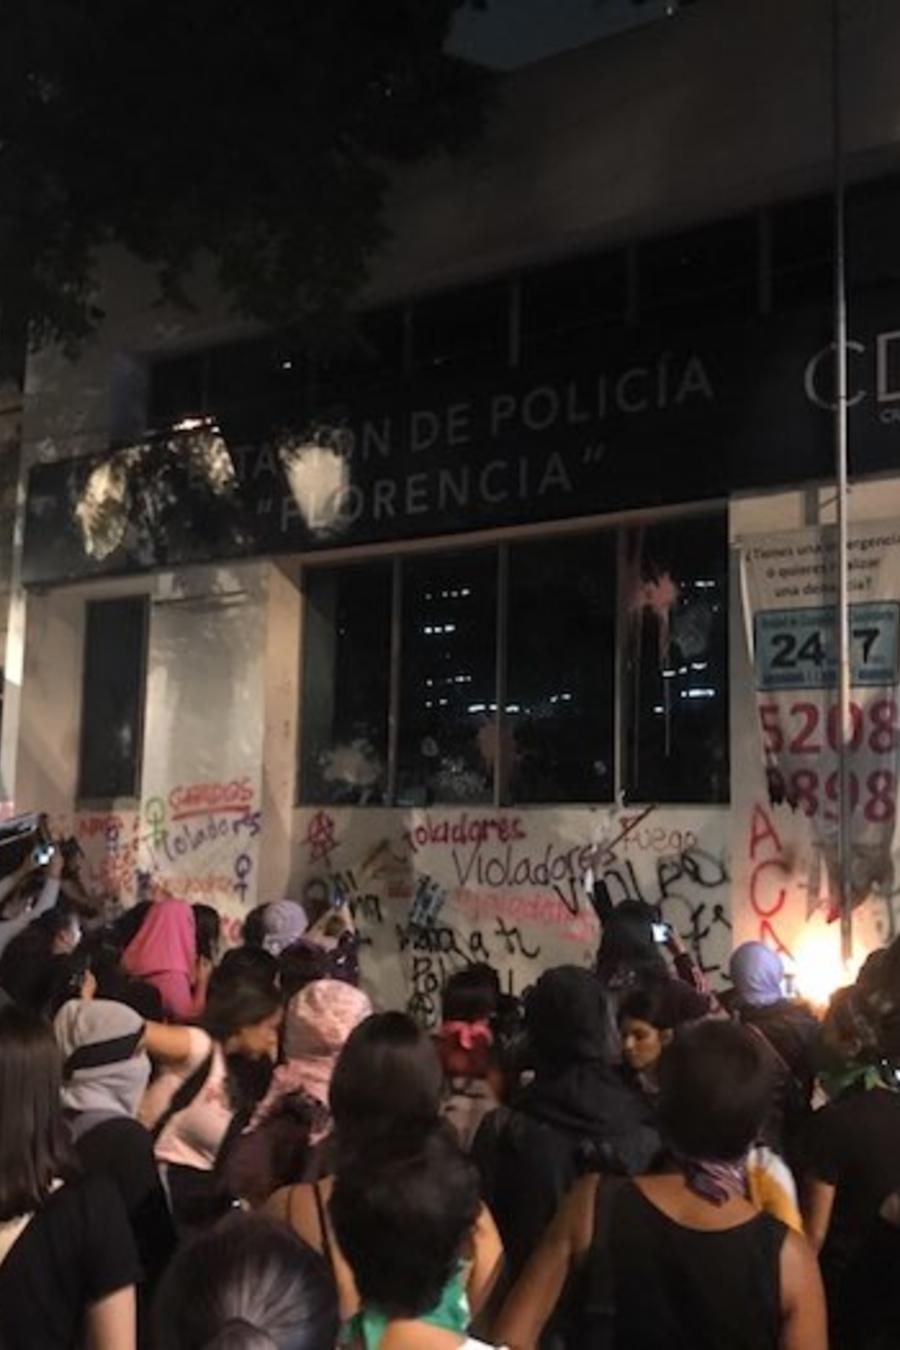 Algunas manifestantes se trasladaron a una estación de la policía cercana y también prendieron fuego